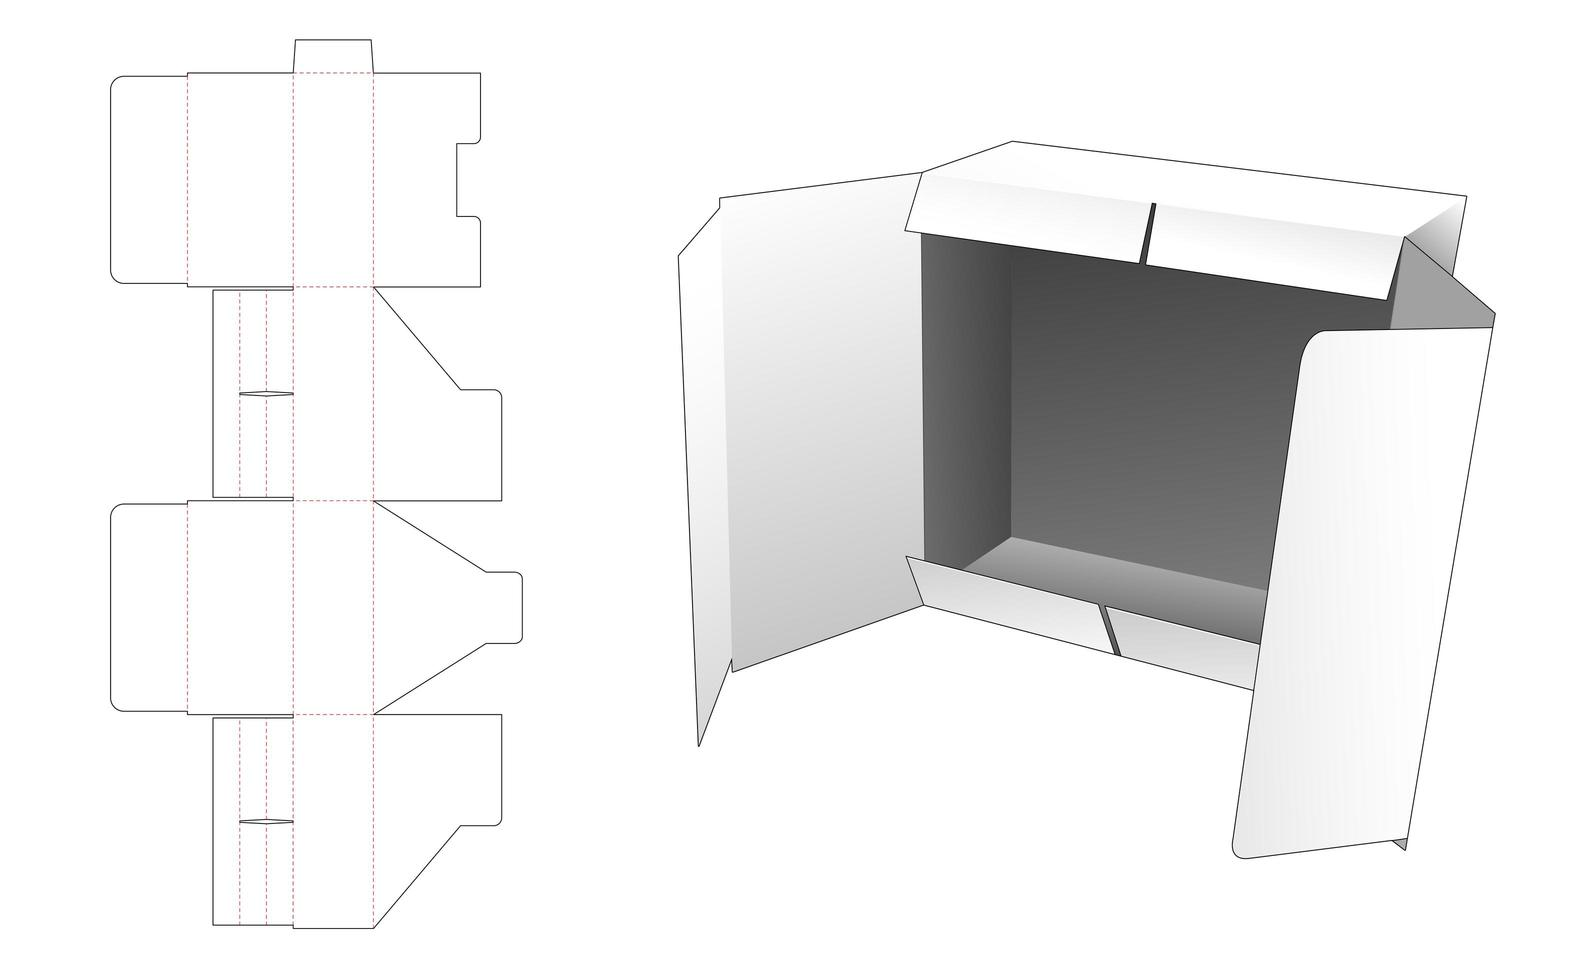 Klappenverpackungsbox vektor